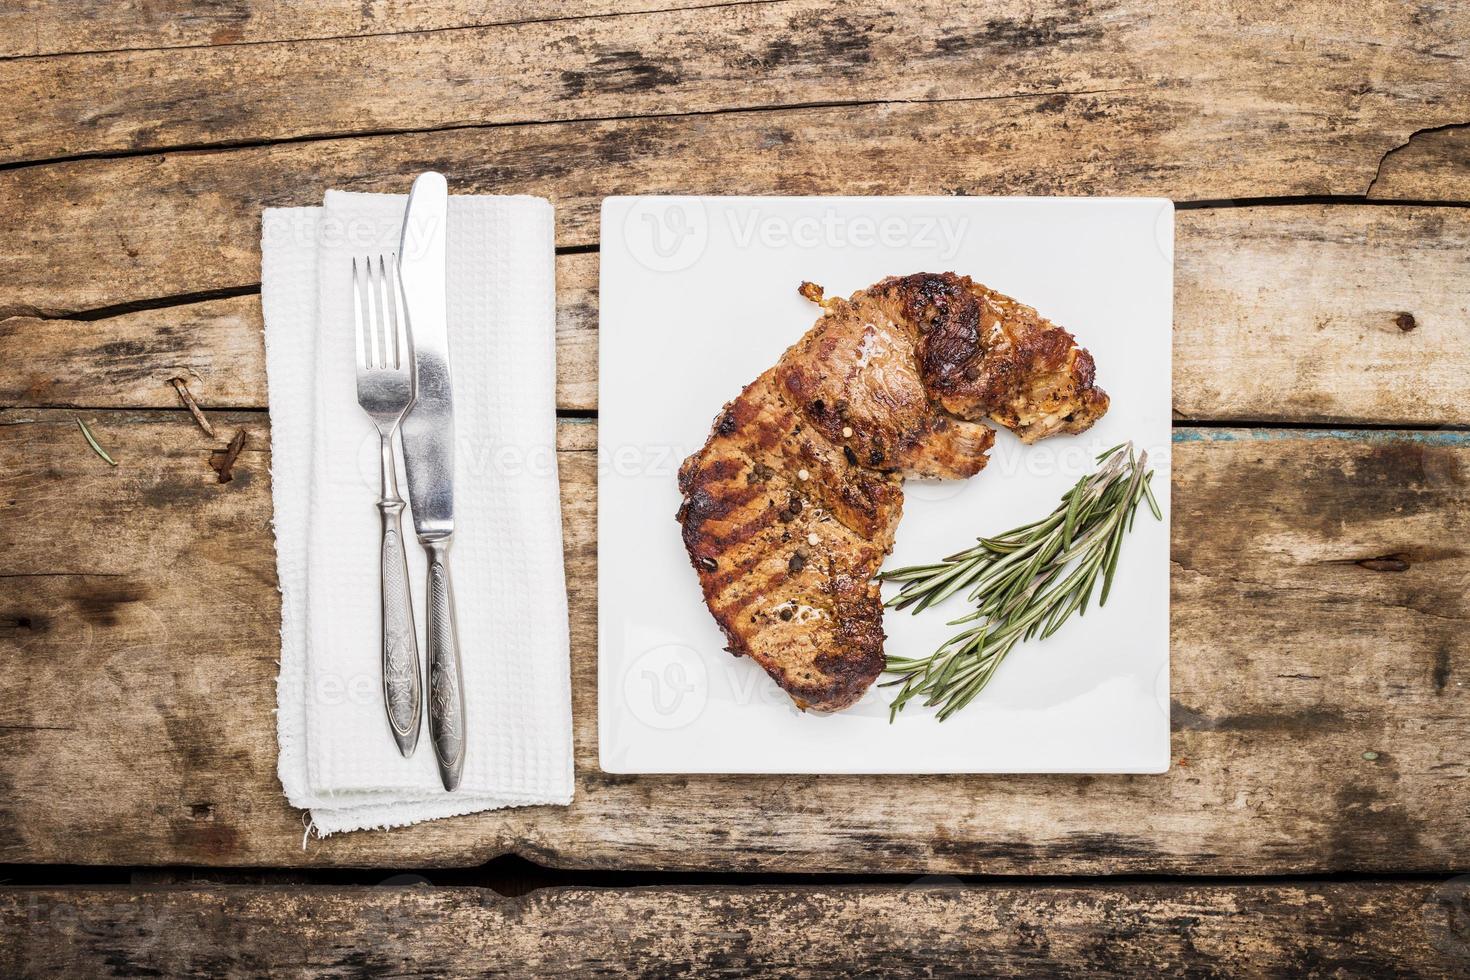 gegrilde biefstuk versierd met een bosje rozemarijn foto